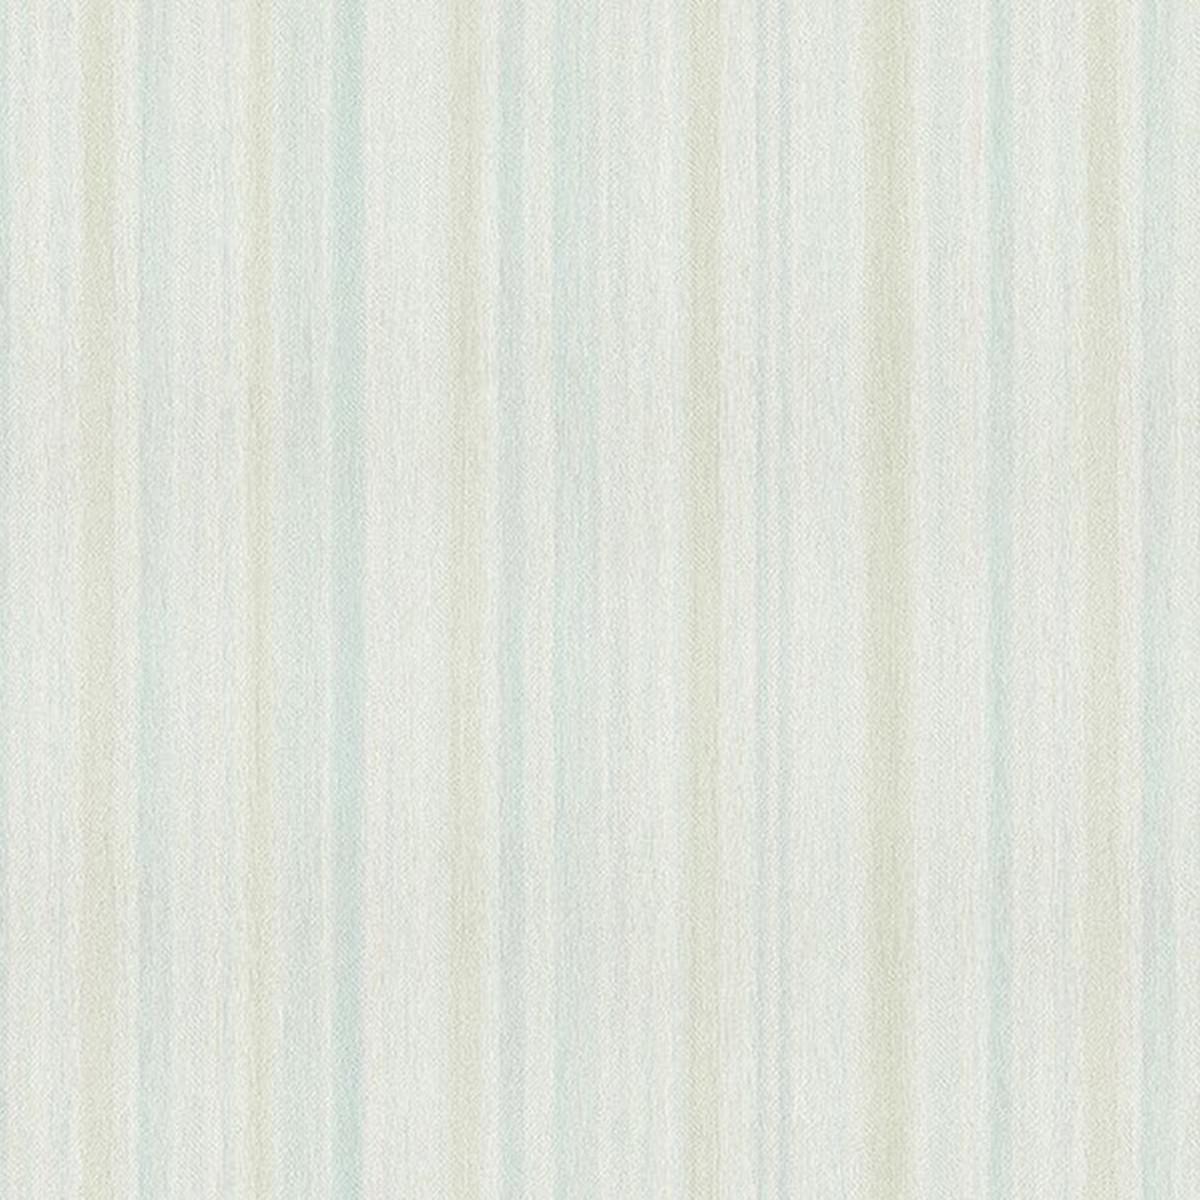 Обои флизелиновые Rasch Maximum XIII голубые 1.06 м 936810